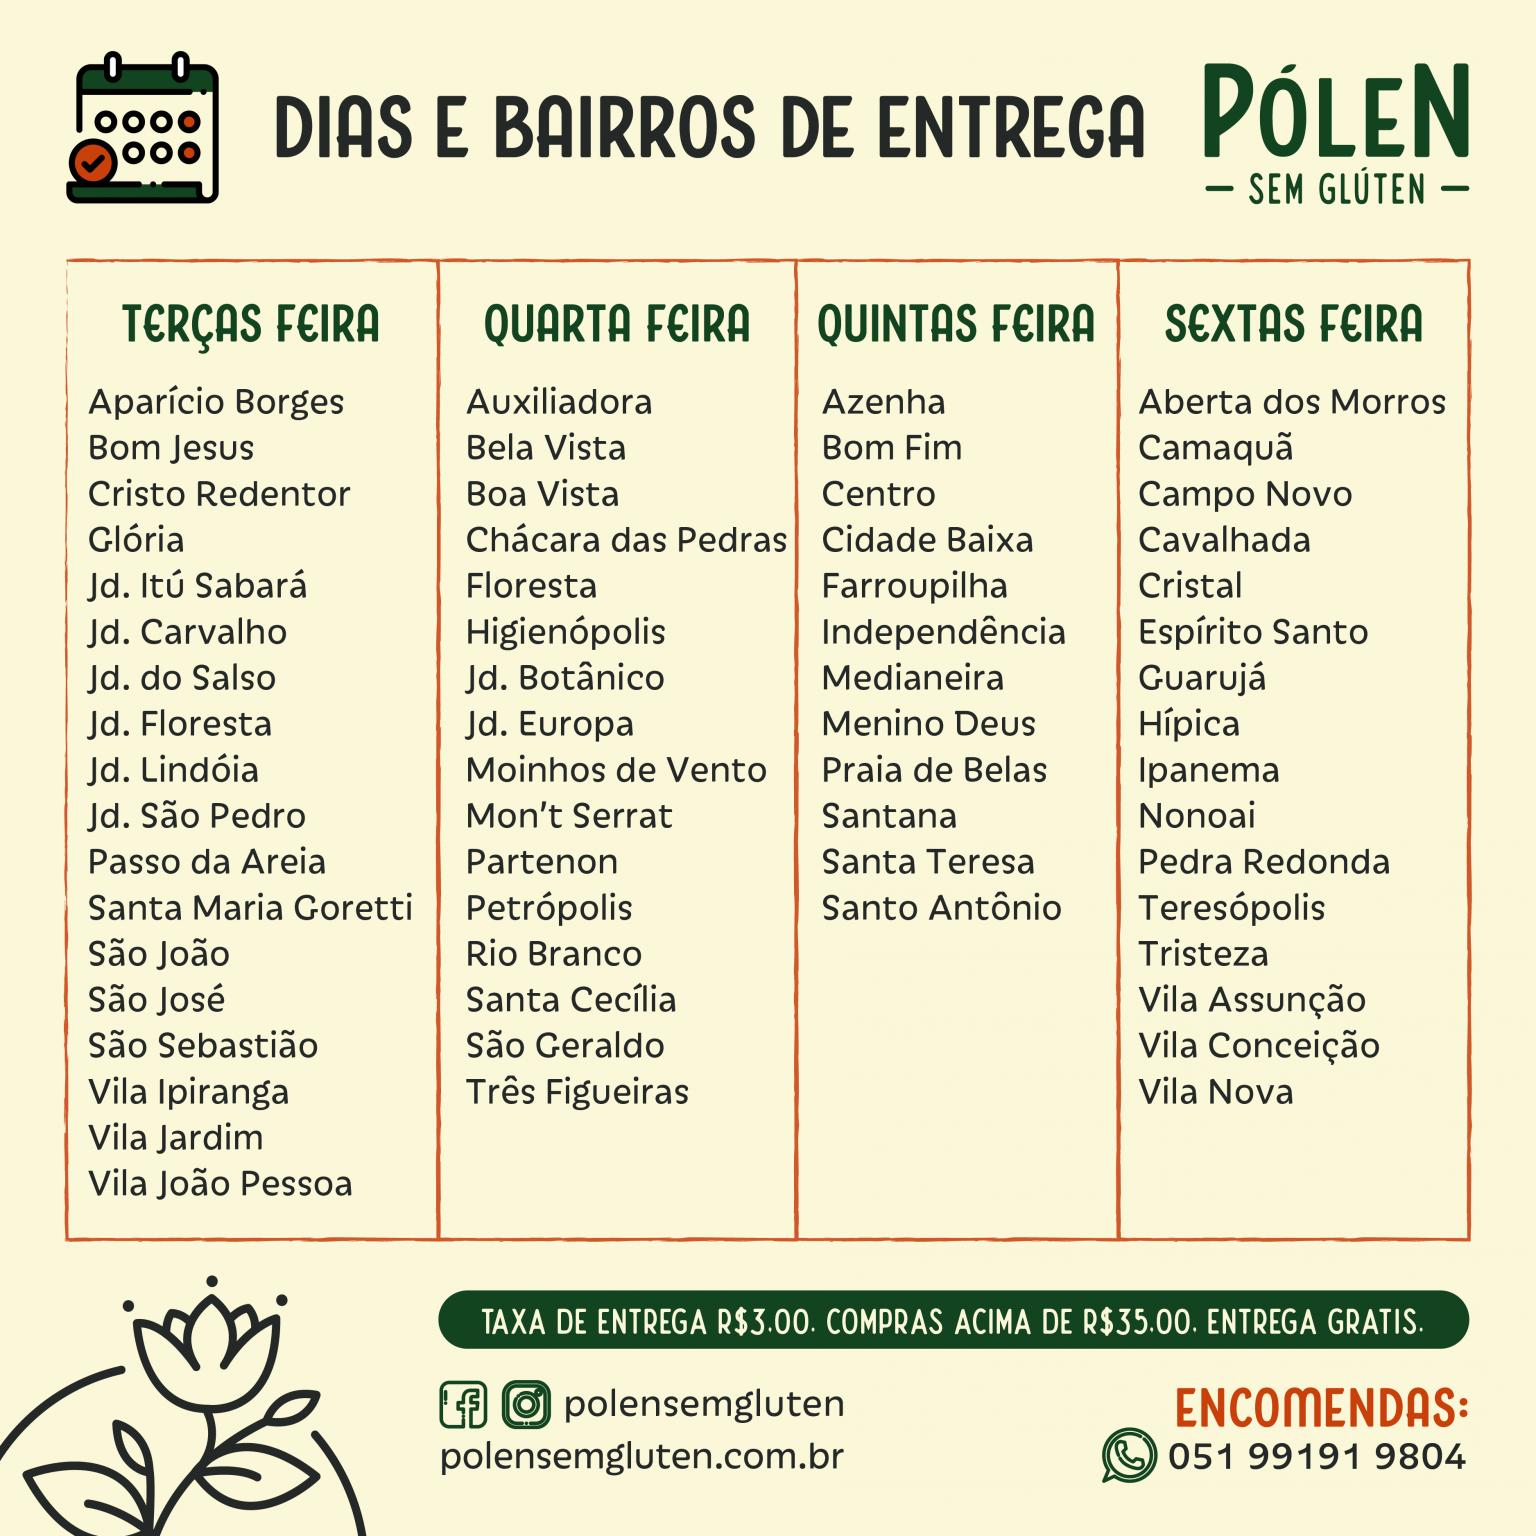 Dias de entrega Pólen sem glúten Porto Alegre